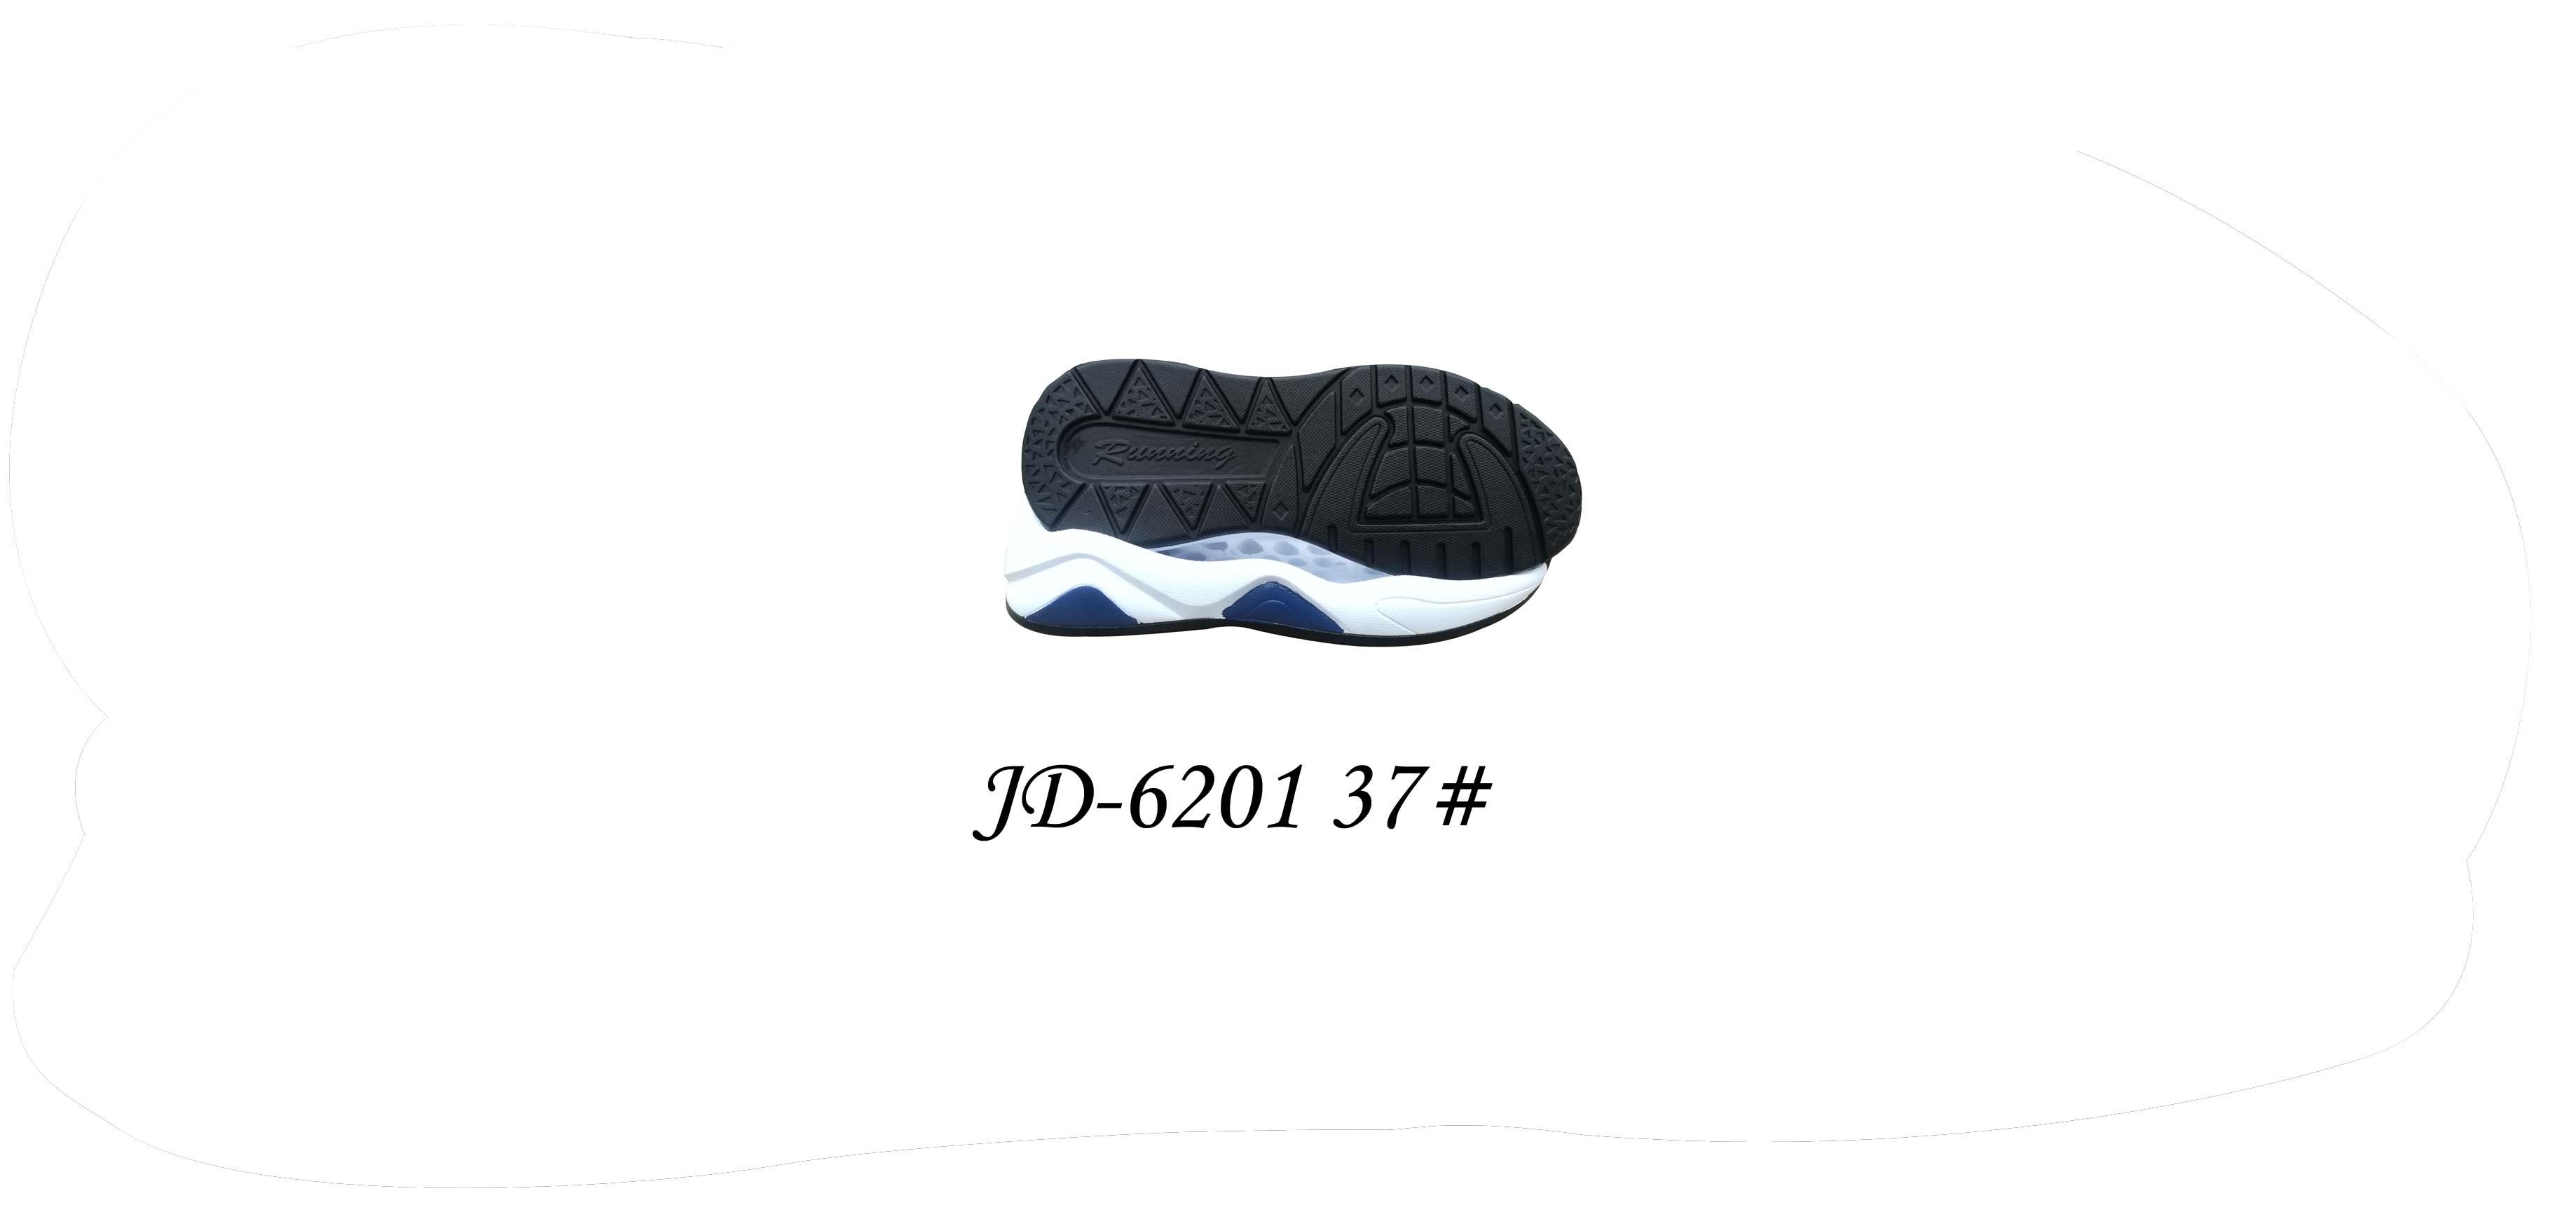 鞋底 PU 女段 休闲鞋 三色 双色 37 一体 鞋底 PU 女段 休闲鞋 三色 双色 37 一体 JD-6201